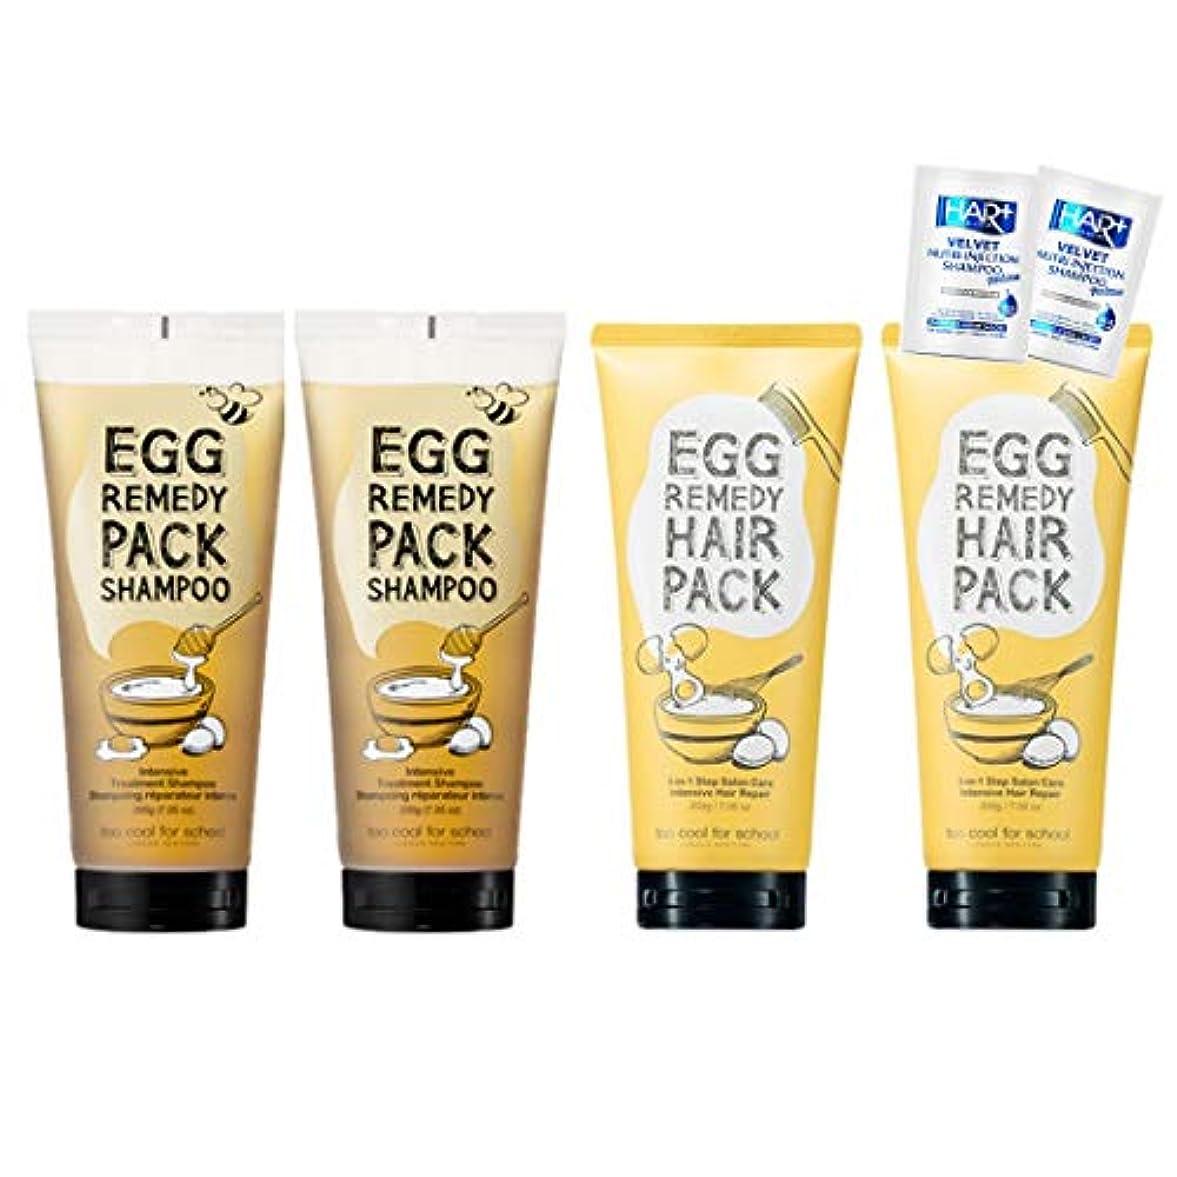 雲ピザネストトゥークールフォ―スクール(too cool for school)/エッグレミディパックシャンプーtoo cool for school Egg Remedy Pack Shampoo 200ml X 2EA + エッグレミディヘアパック...